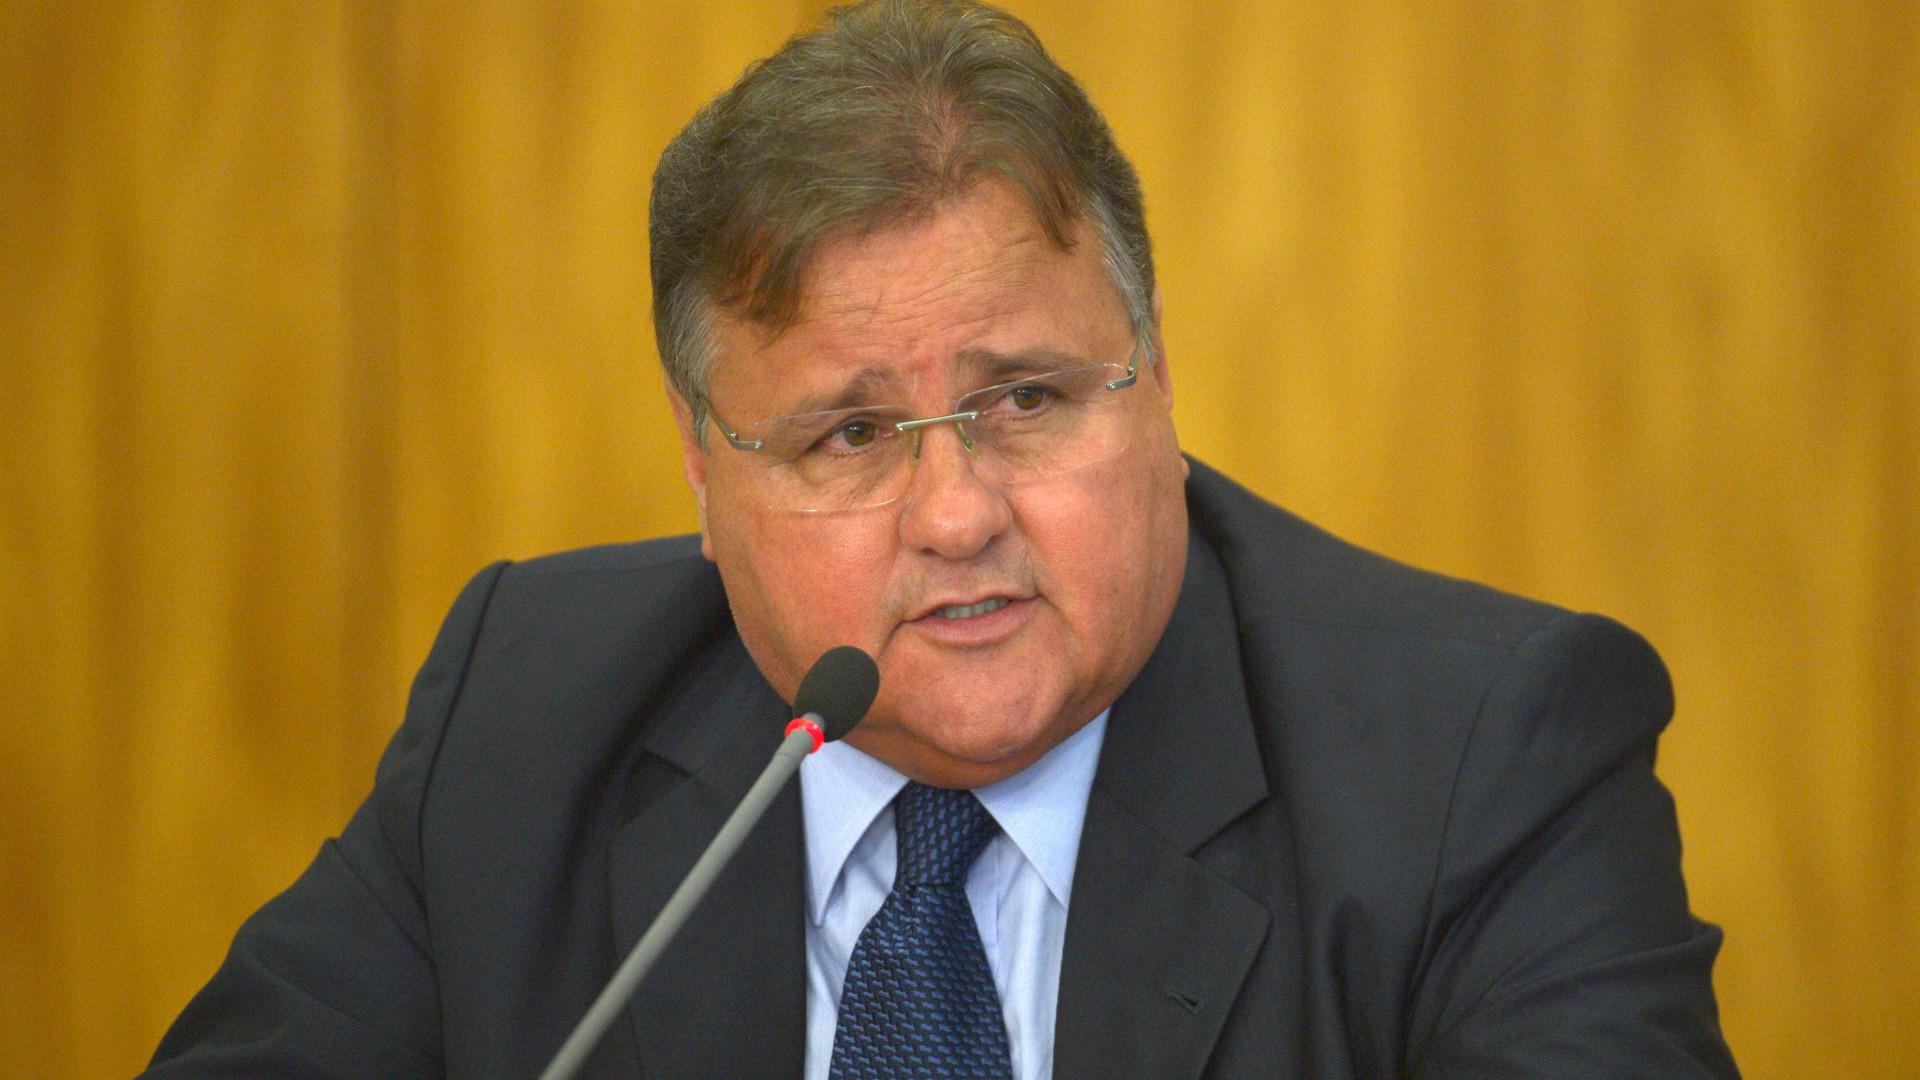 Aliado de Geddel pede ao STF revogação da prisão domiciliar